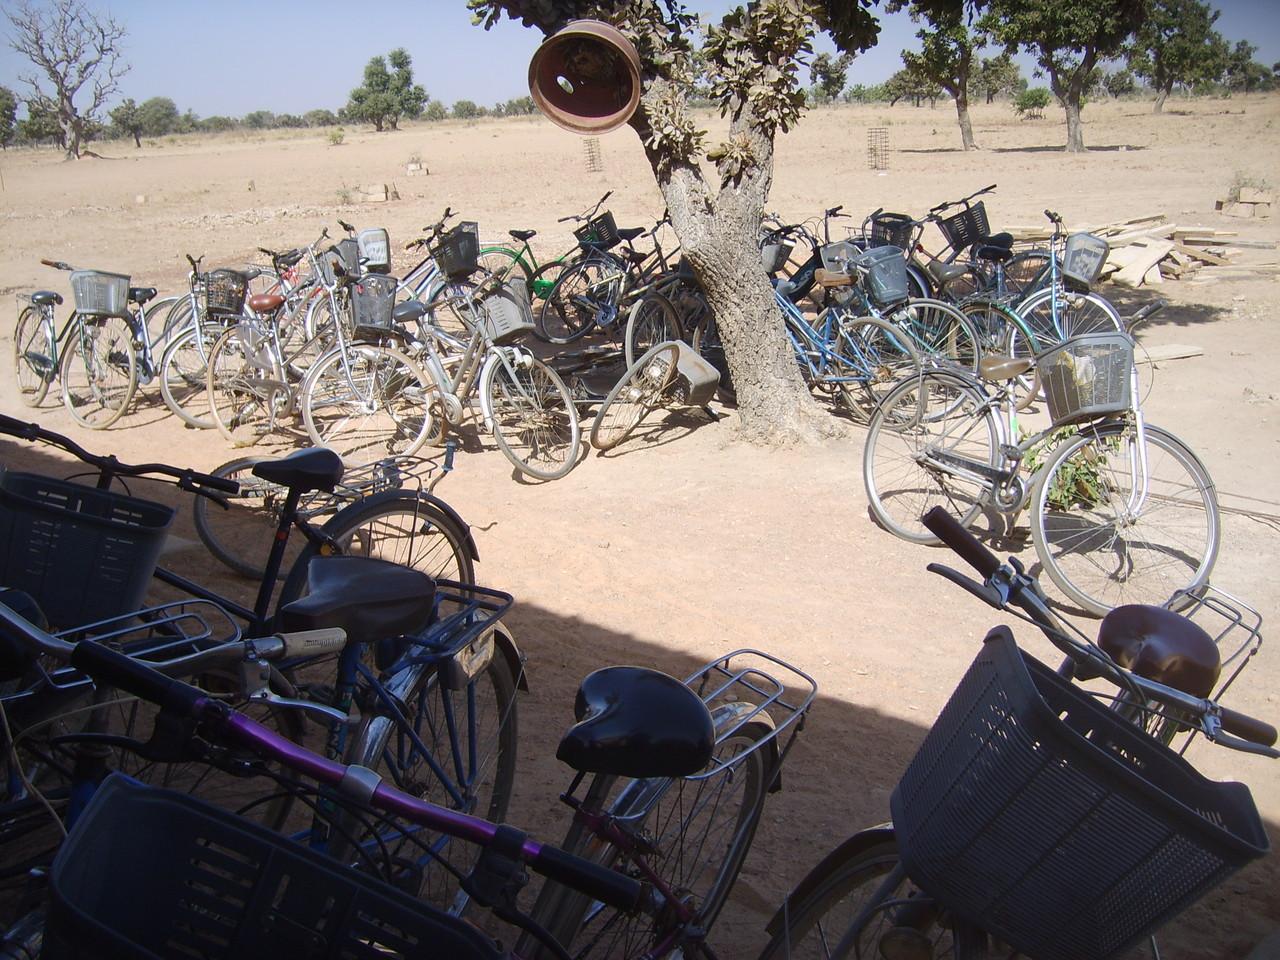 Les vélos sont nombreux